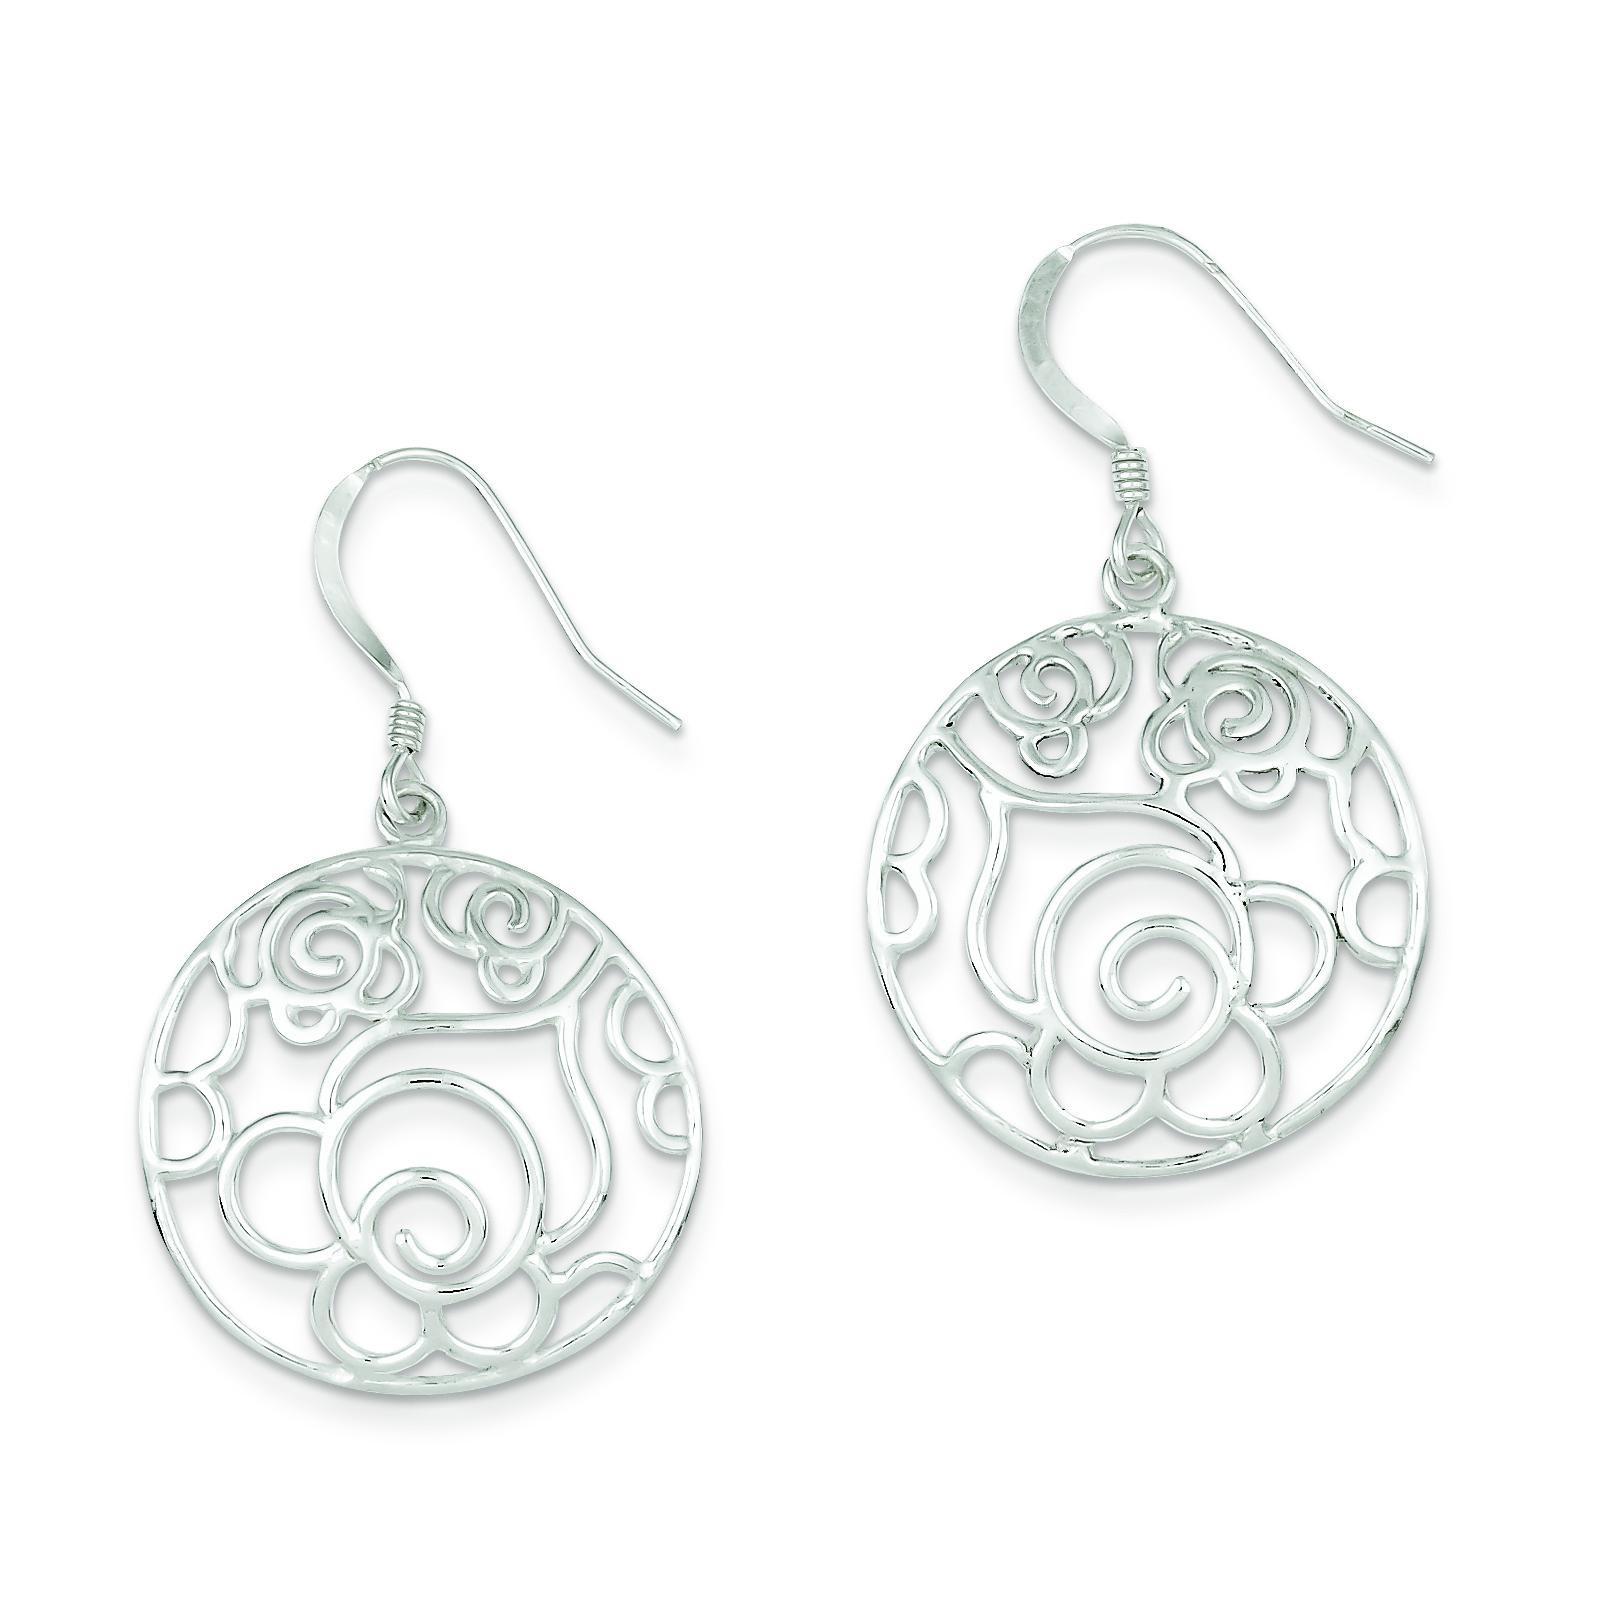 Round Fancy Dangle Earrings in Sterling Silver